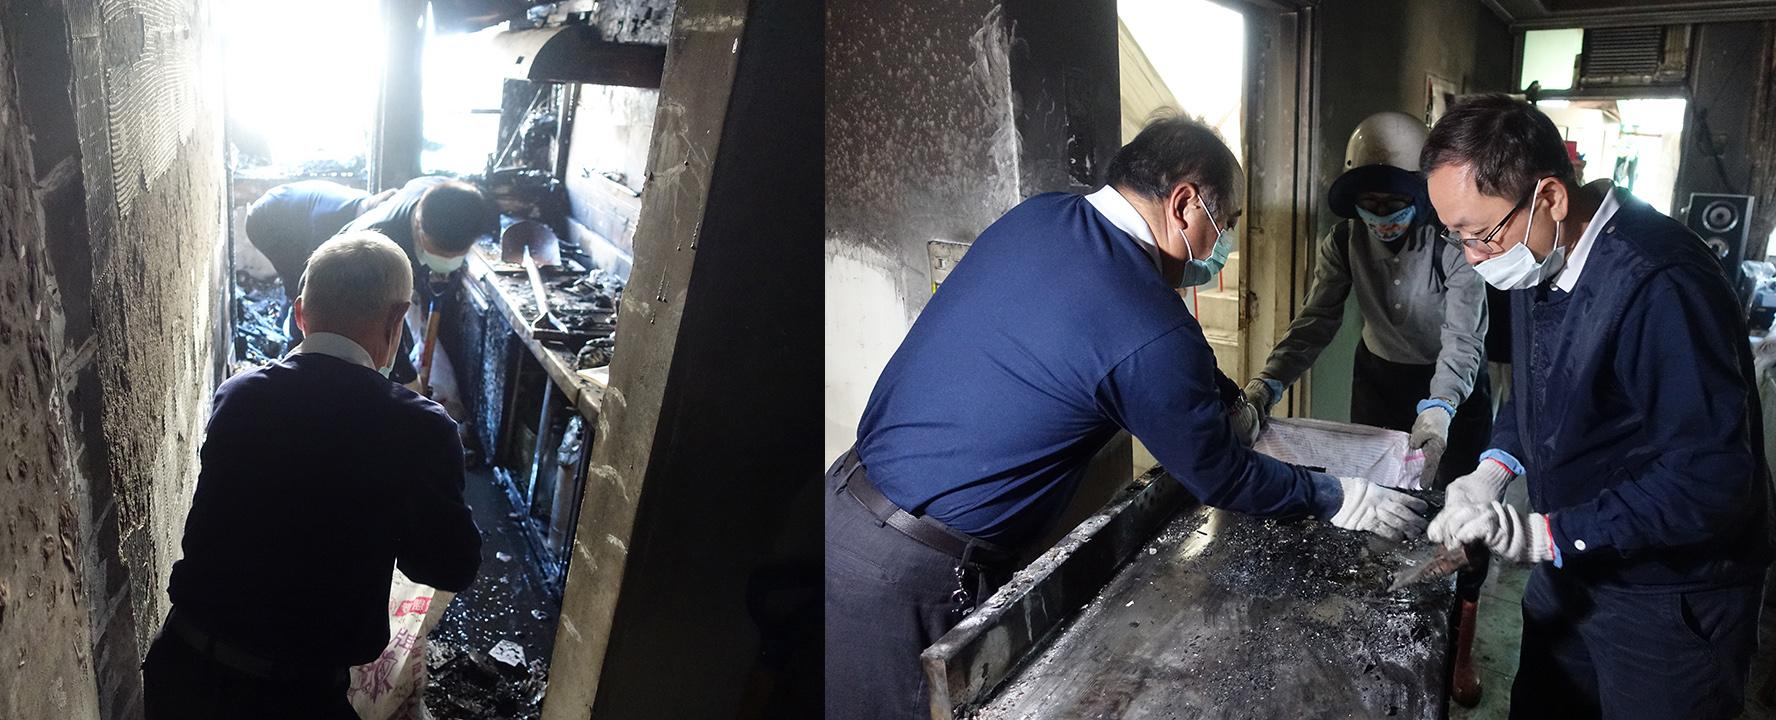 於起火點在廚房,許多家具、家電均已燒毀,慈濟志工協助清理。志工用心刮除家具上的髒汙,避免搬運過程髒污掉落、傷到眼睛。